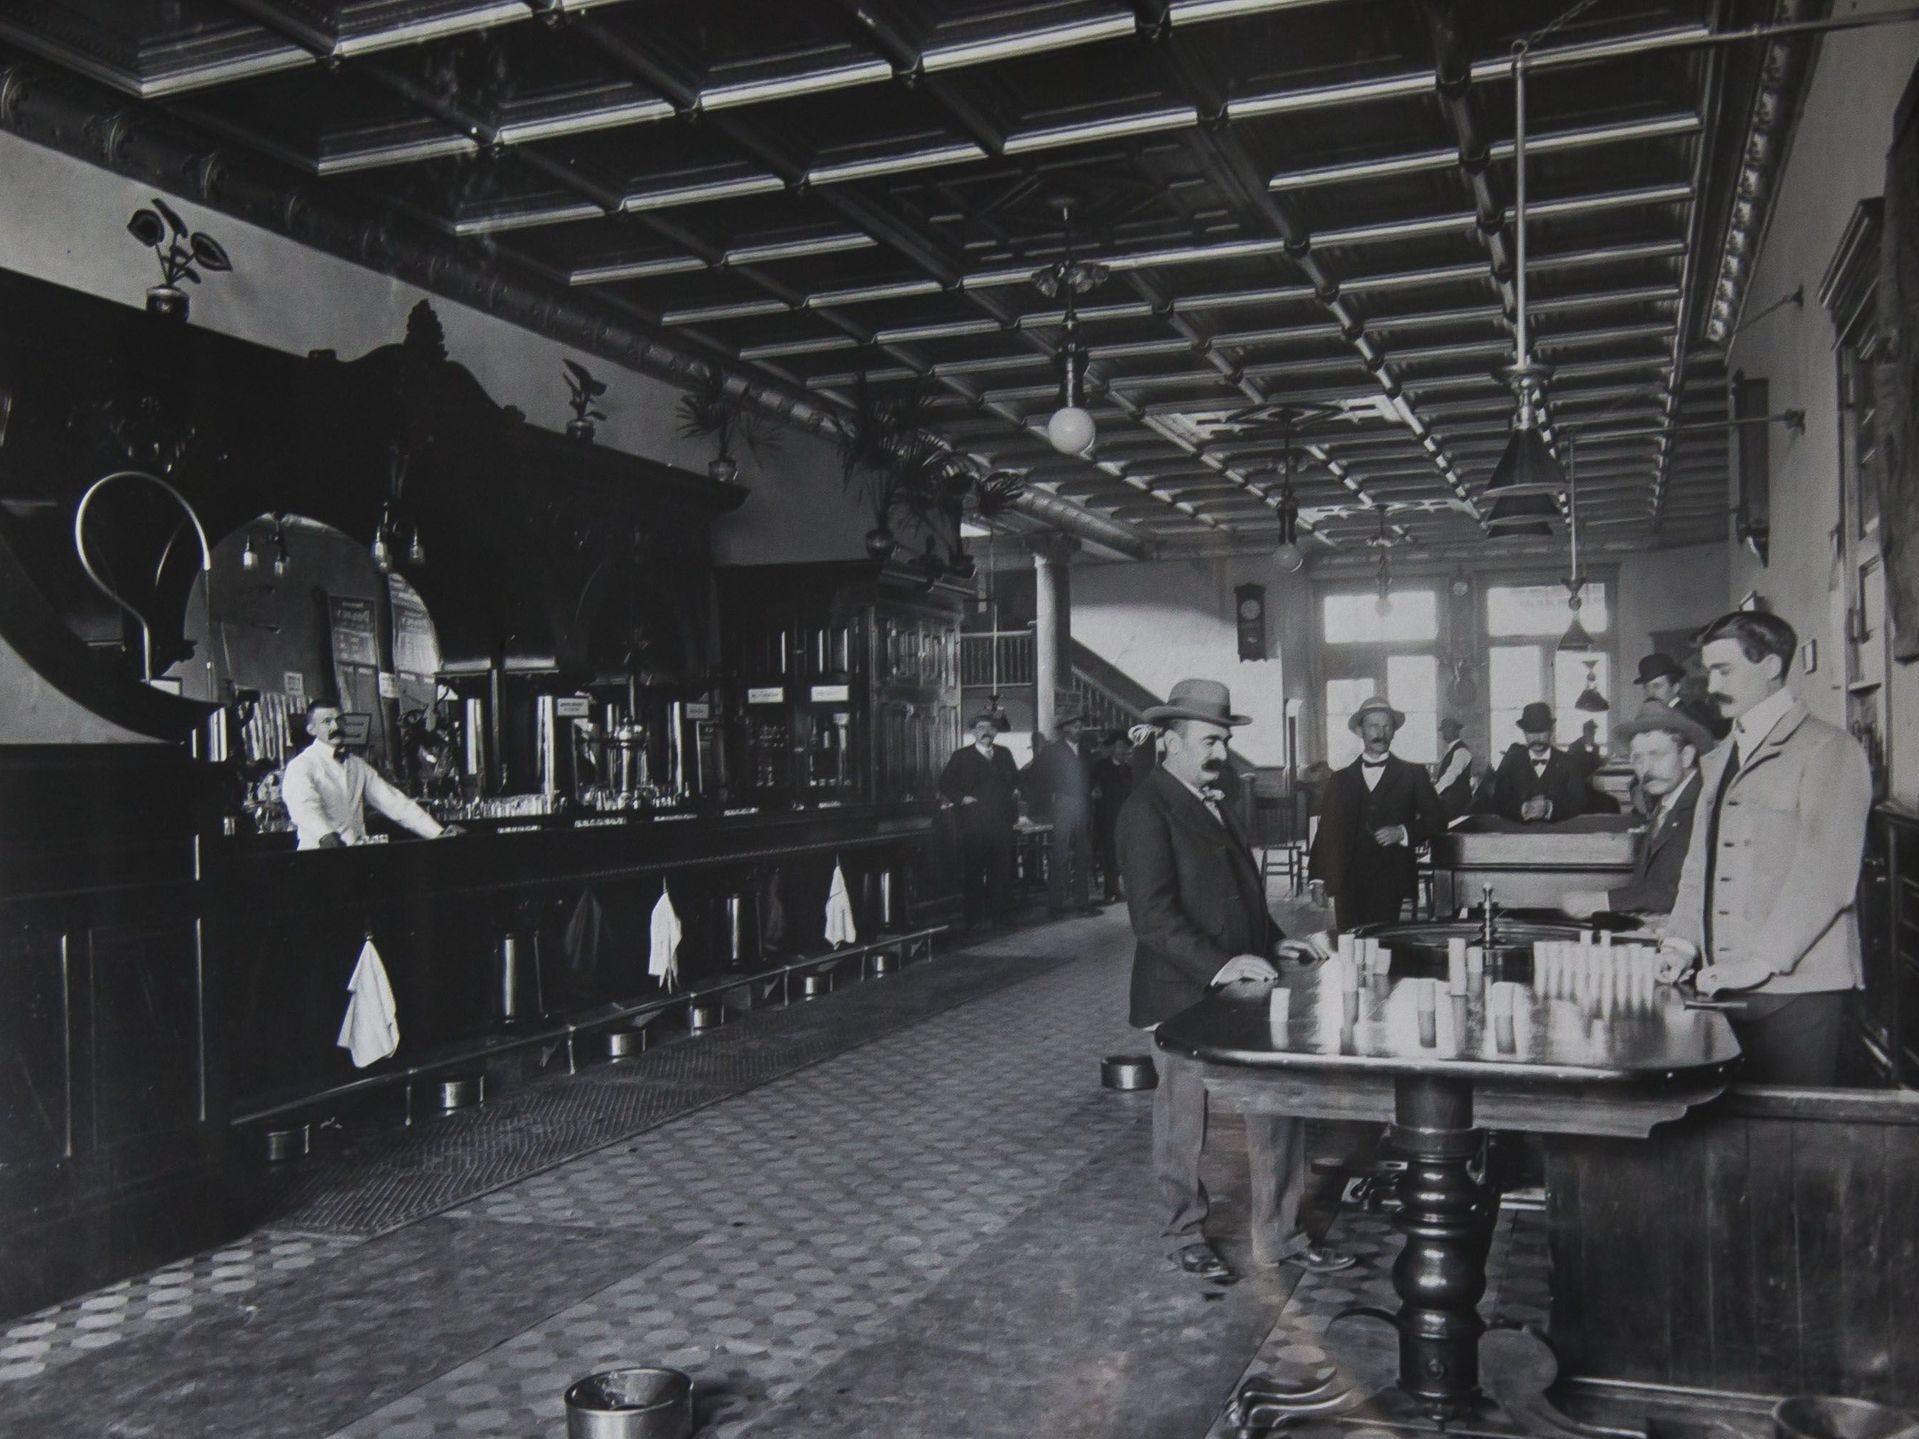 El Palace Saloon se muestra en 1901. Doc Holliday y Earps jugaron en los salones de Whiskey Row en la década de 1870 antes de pasar a Tombstone.